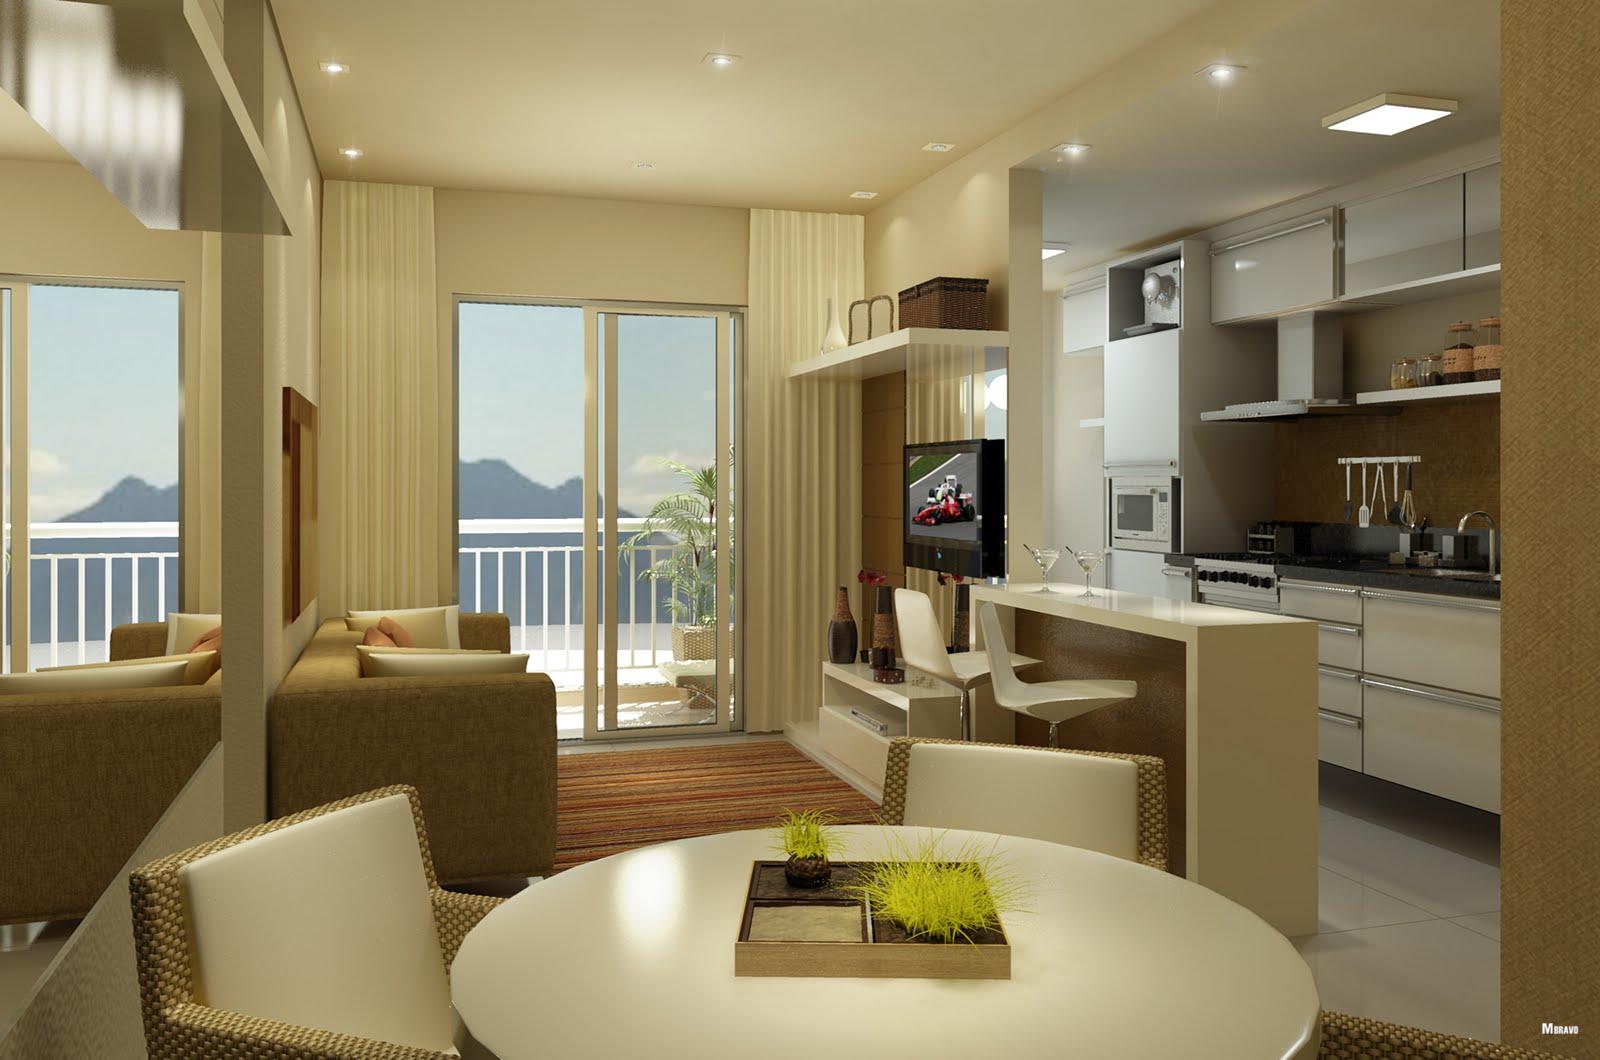 Ideias para decorar apartamentos pequenos #9E8C2D 1600 1060